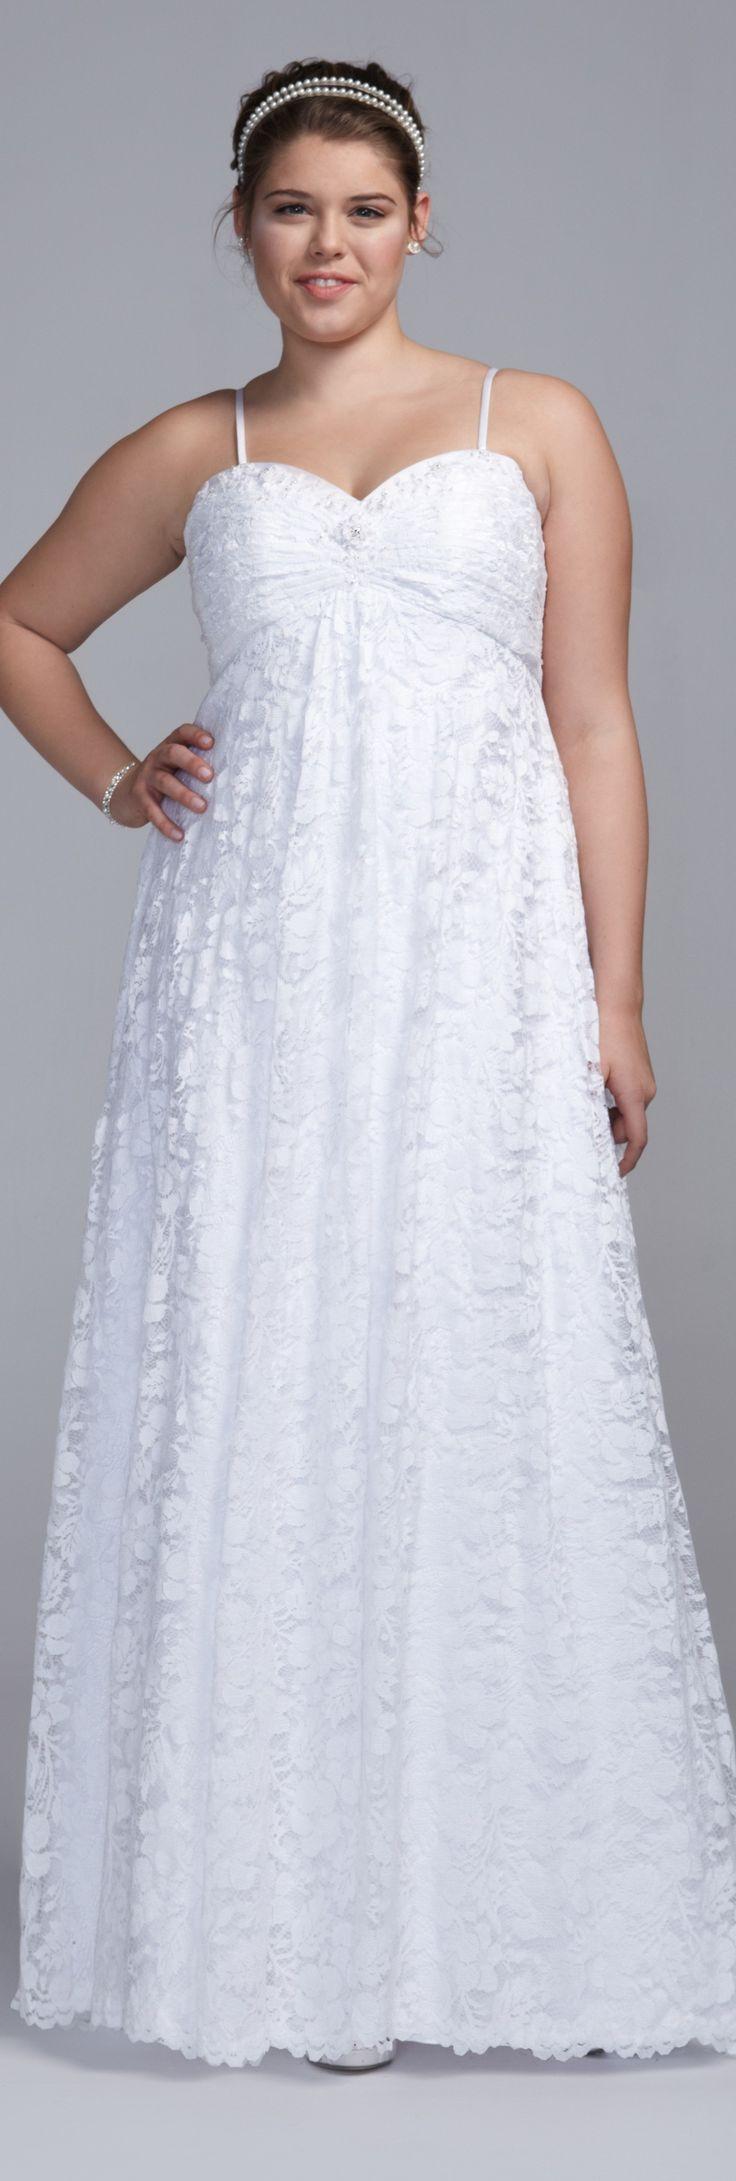 331 best images about wedding dresses for older brides for Plus size wedding dresses for mature brides